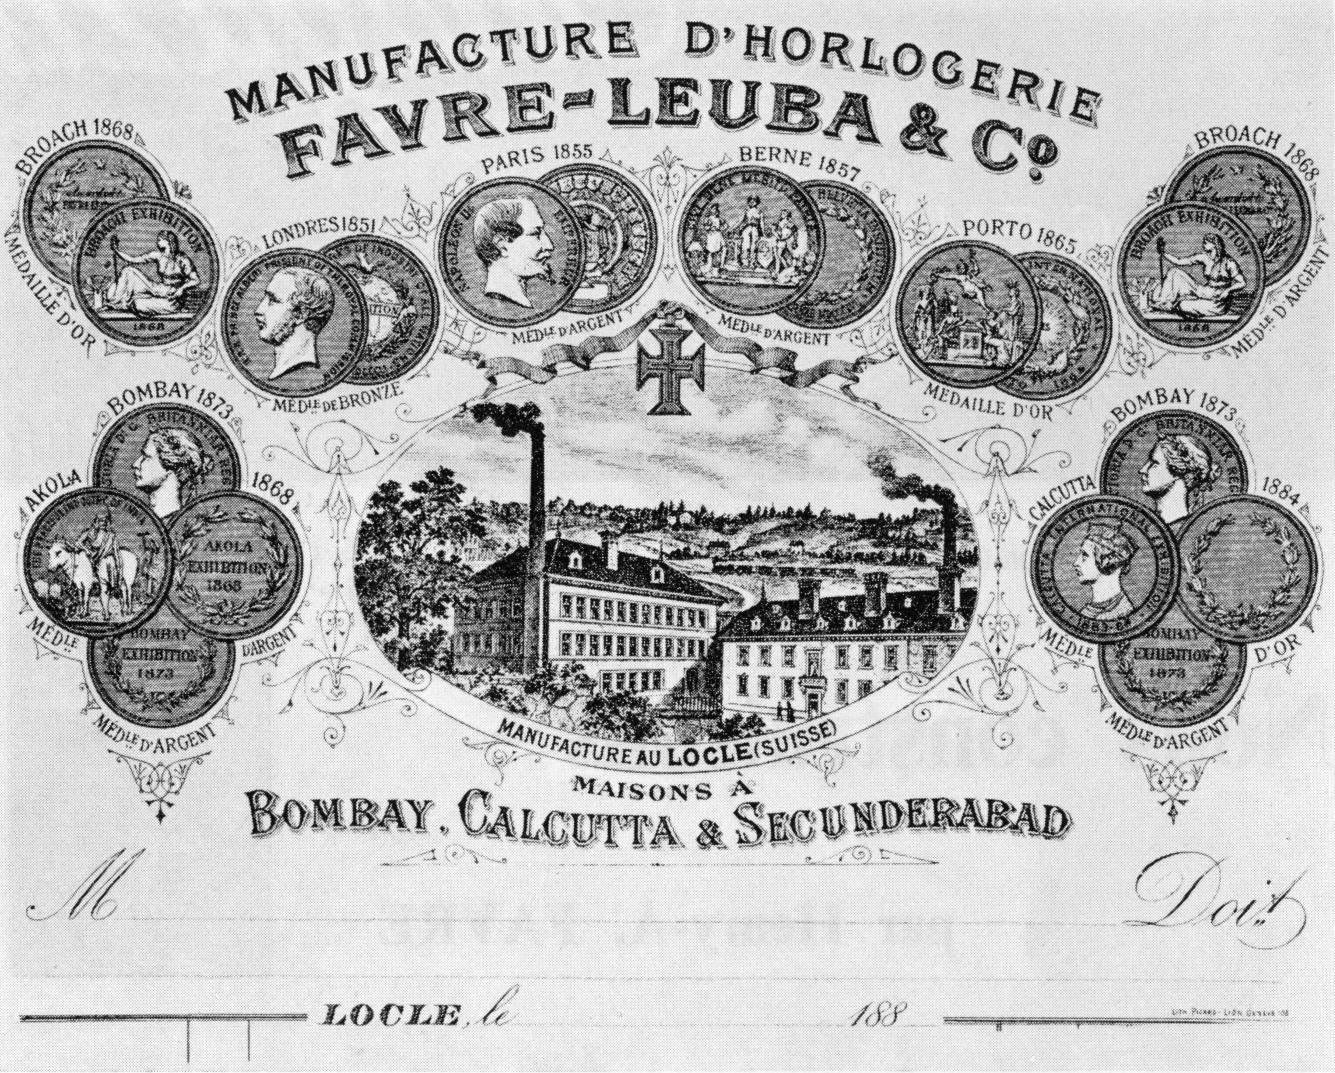 Briefkopf aus der Zeit um 1880